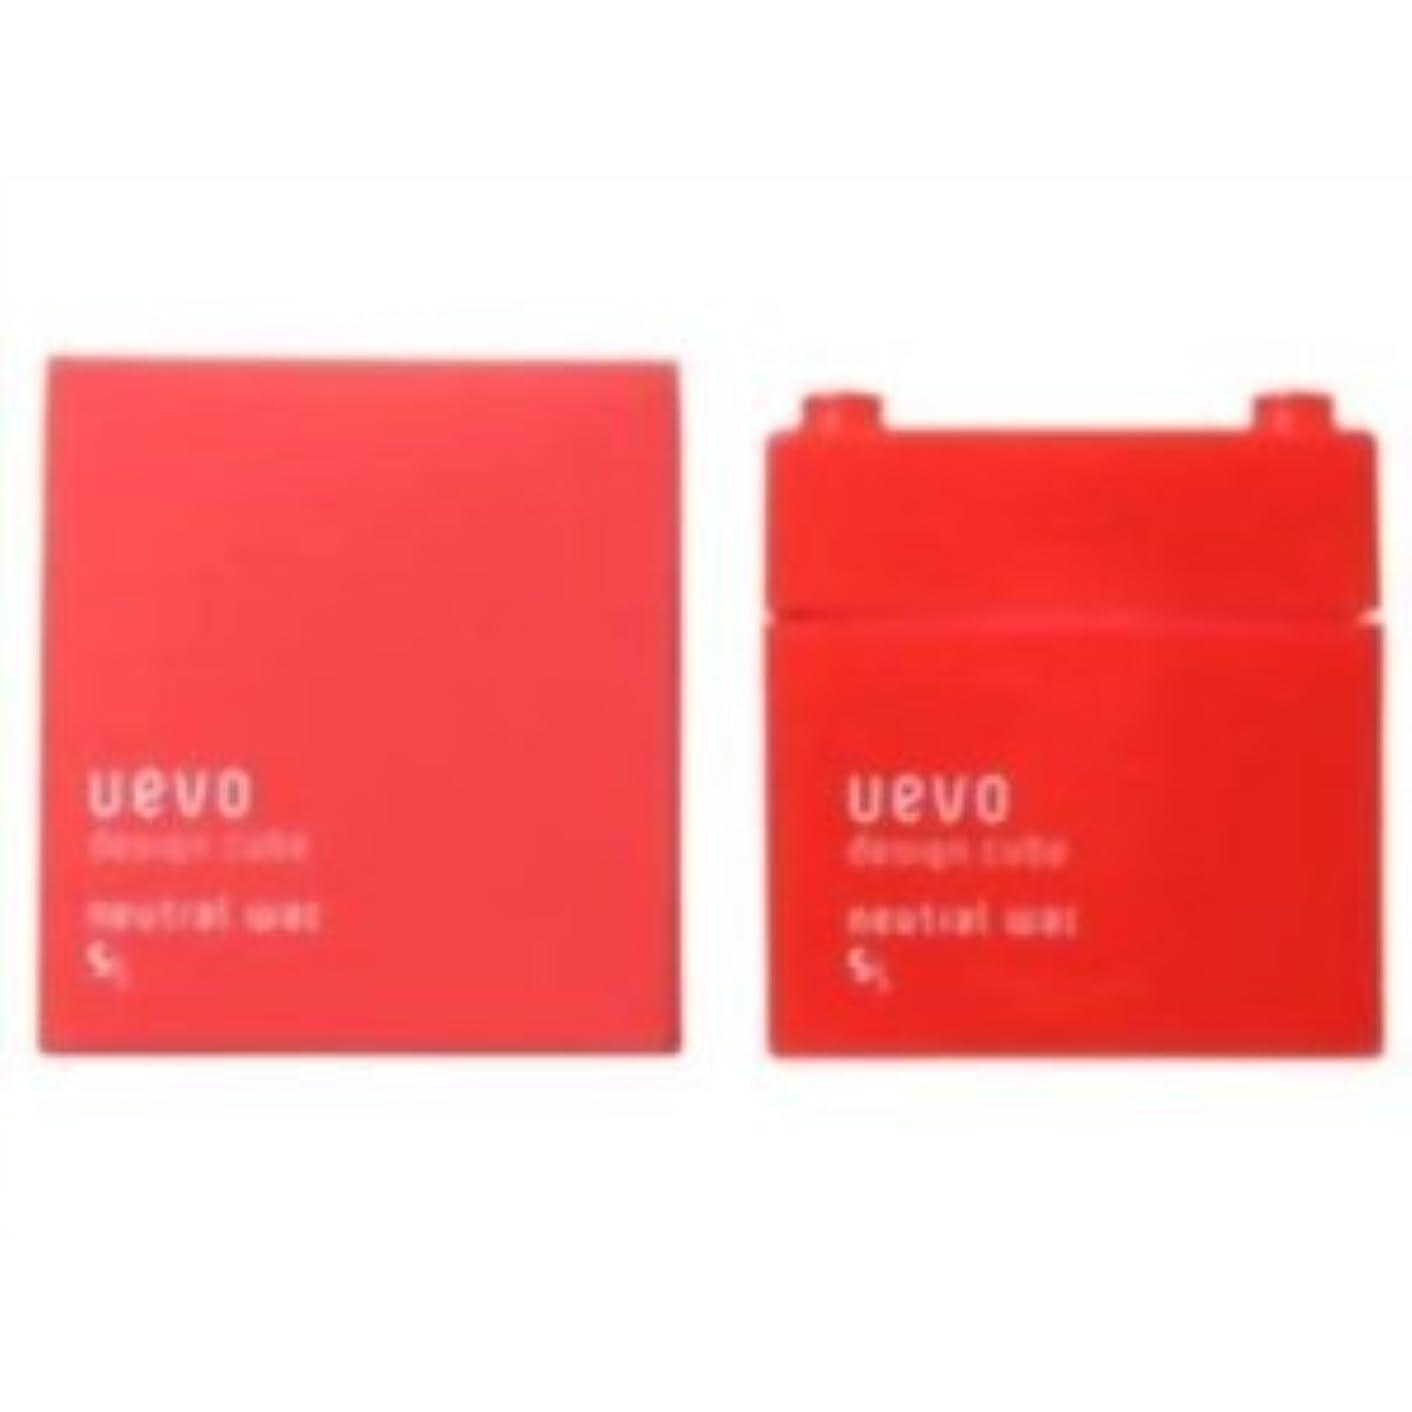 誤解させる何か小売【X2個セット】 デミ ウェーボ デザインキューブ ニュートラルワックス 80g neutral wax DEMI uevo design cube